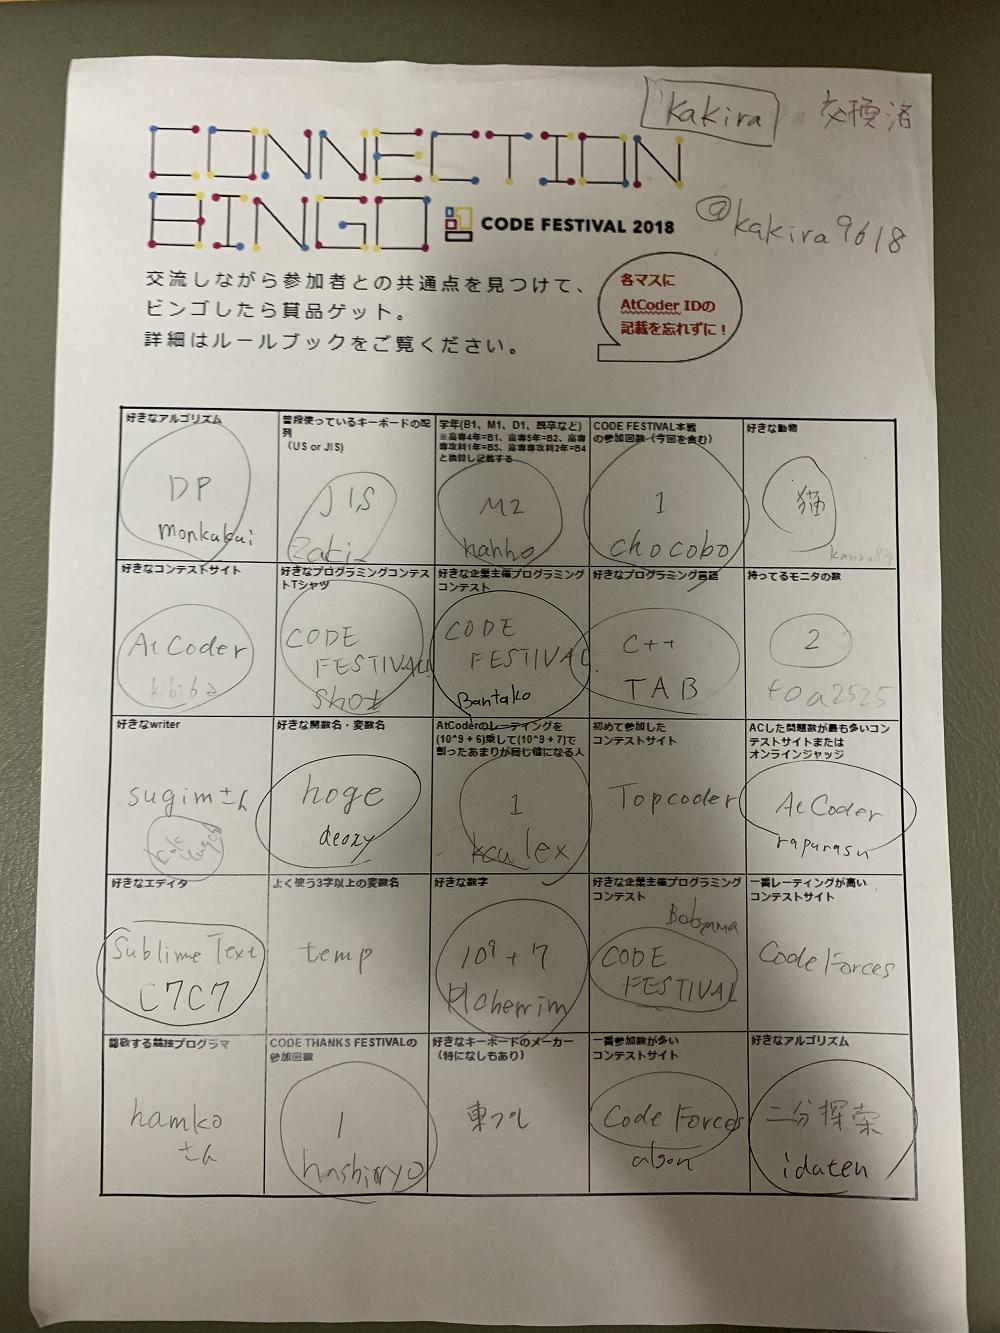 bingo_after.png